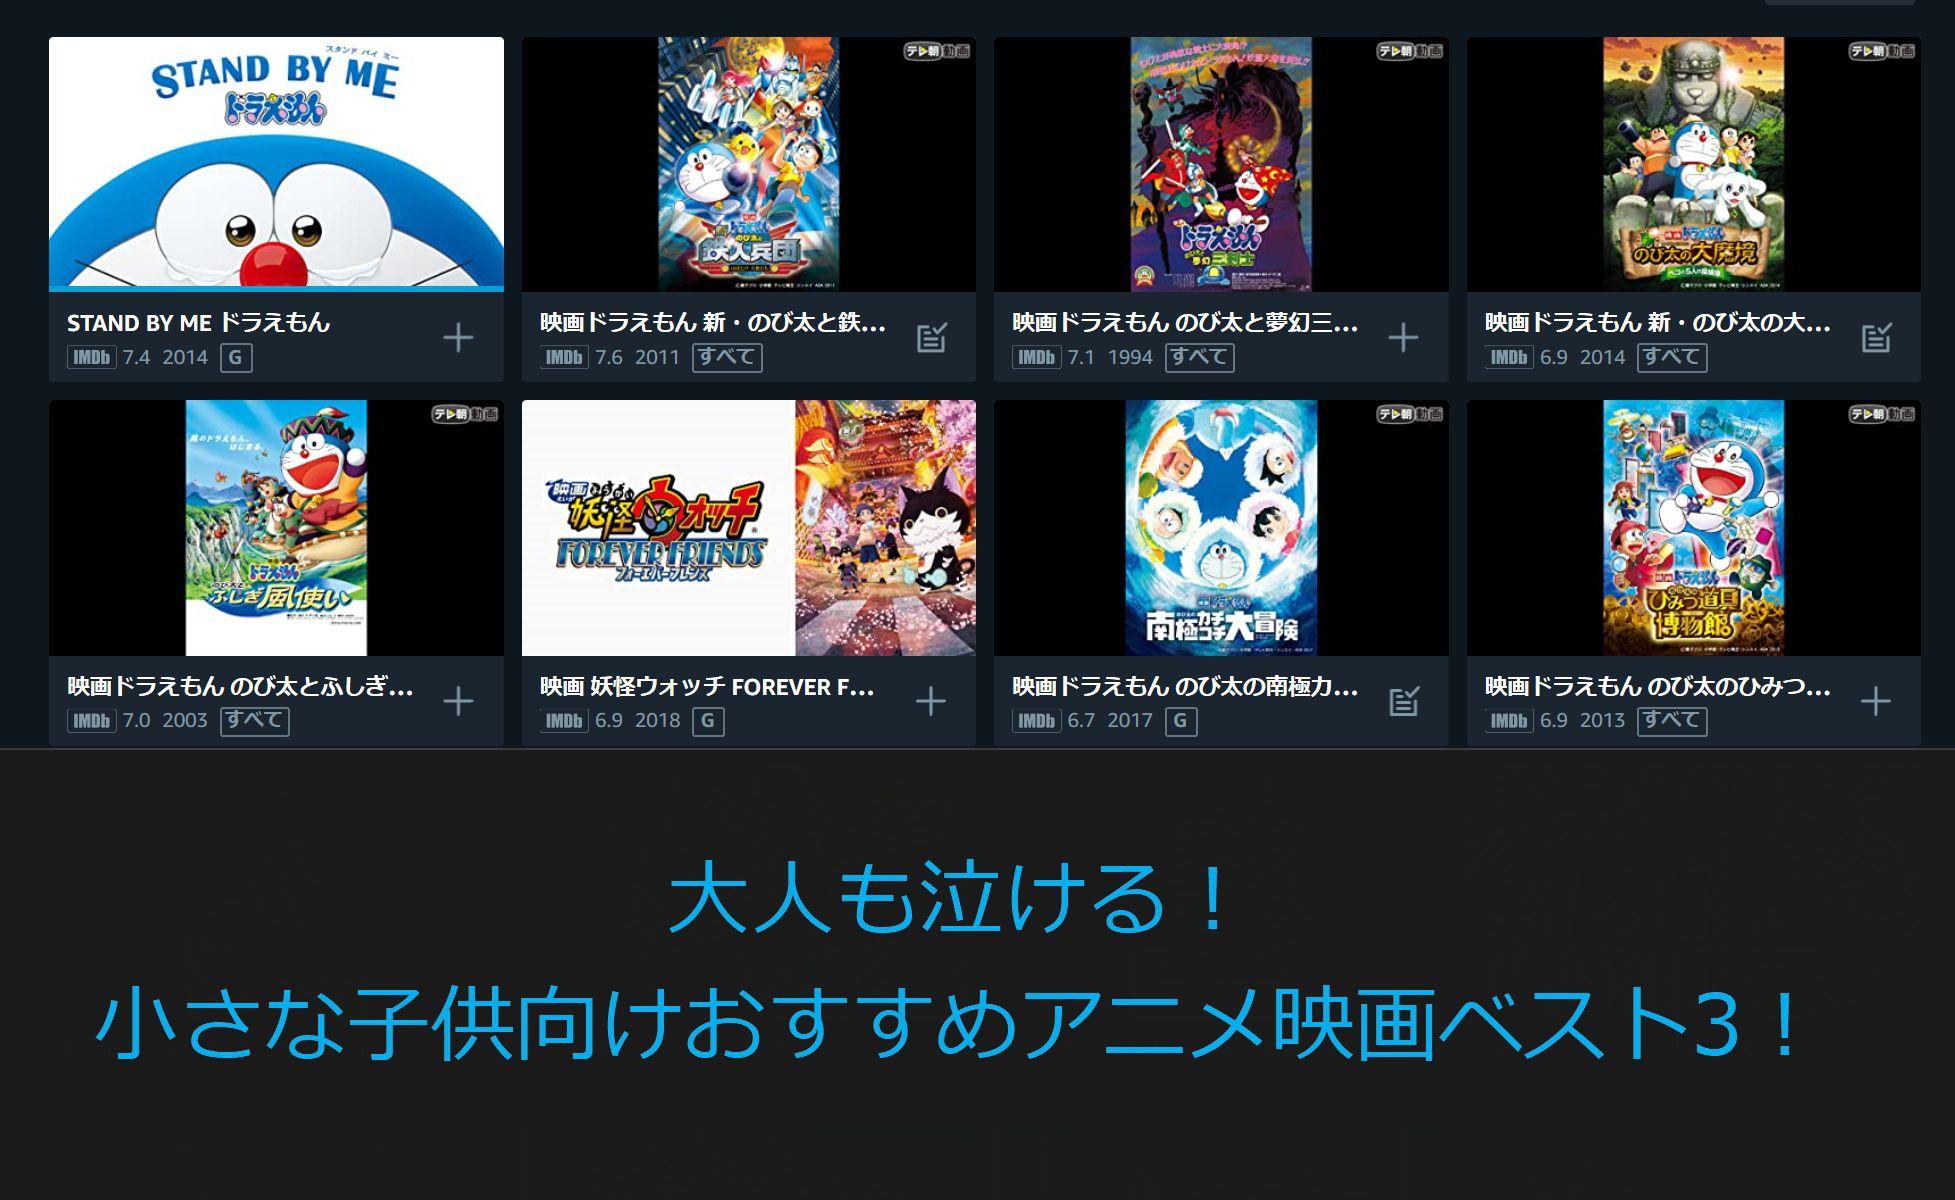 大人も泣ける!小さな子供向けおすすめアニメ映画ベスト3!